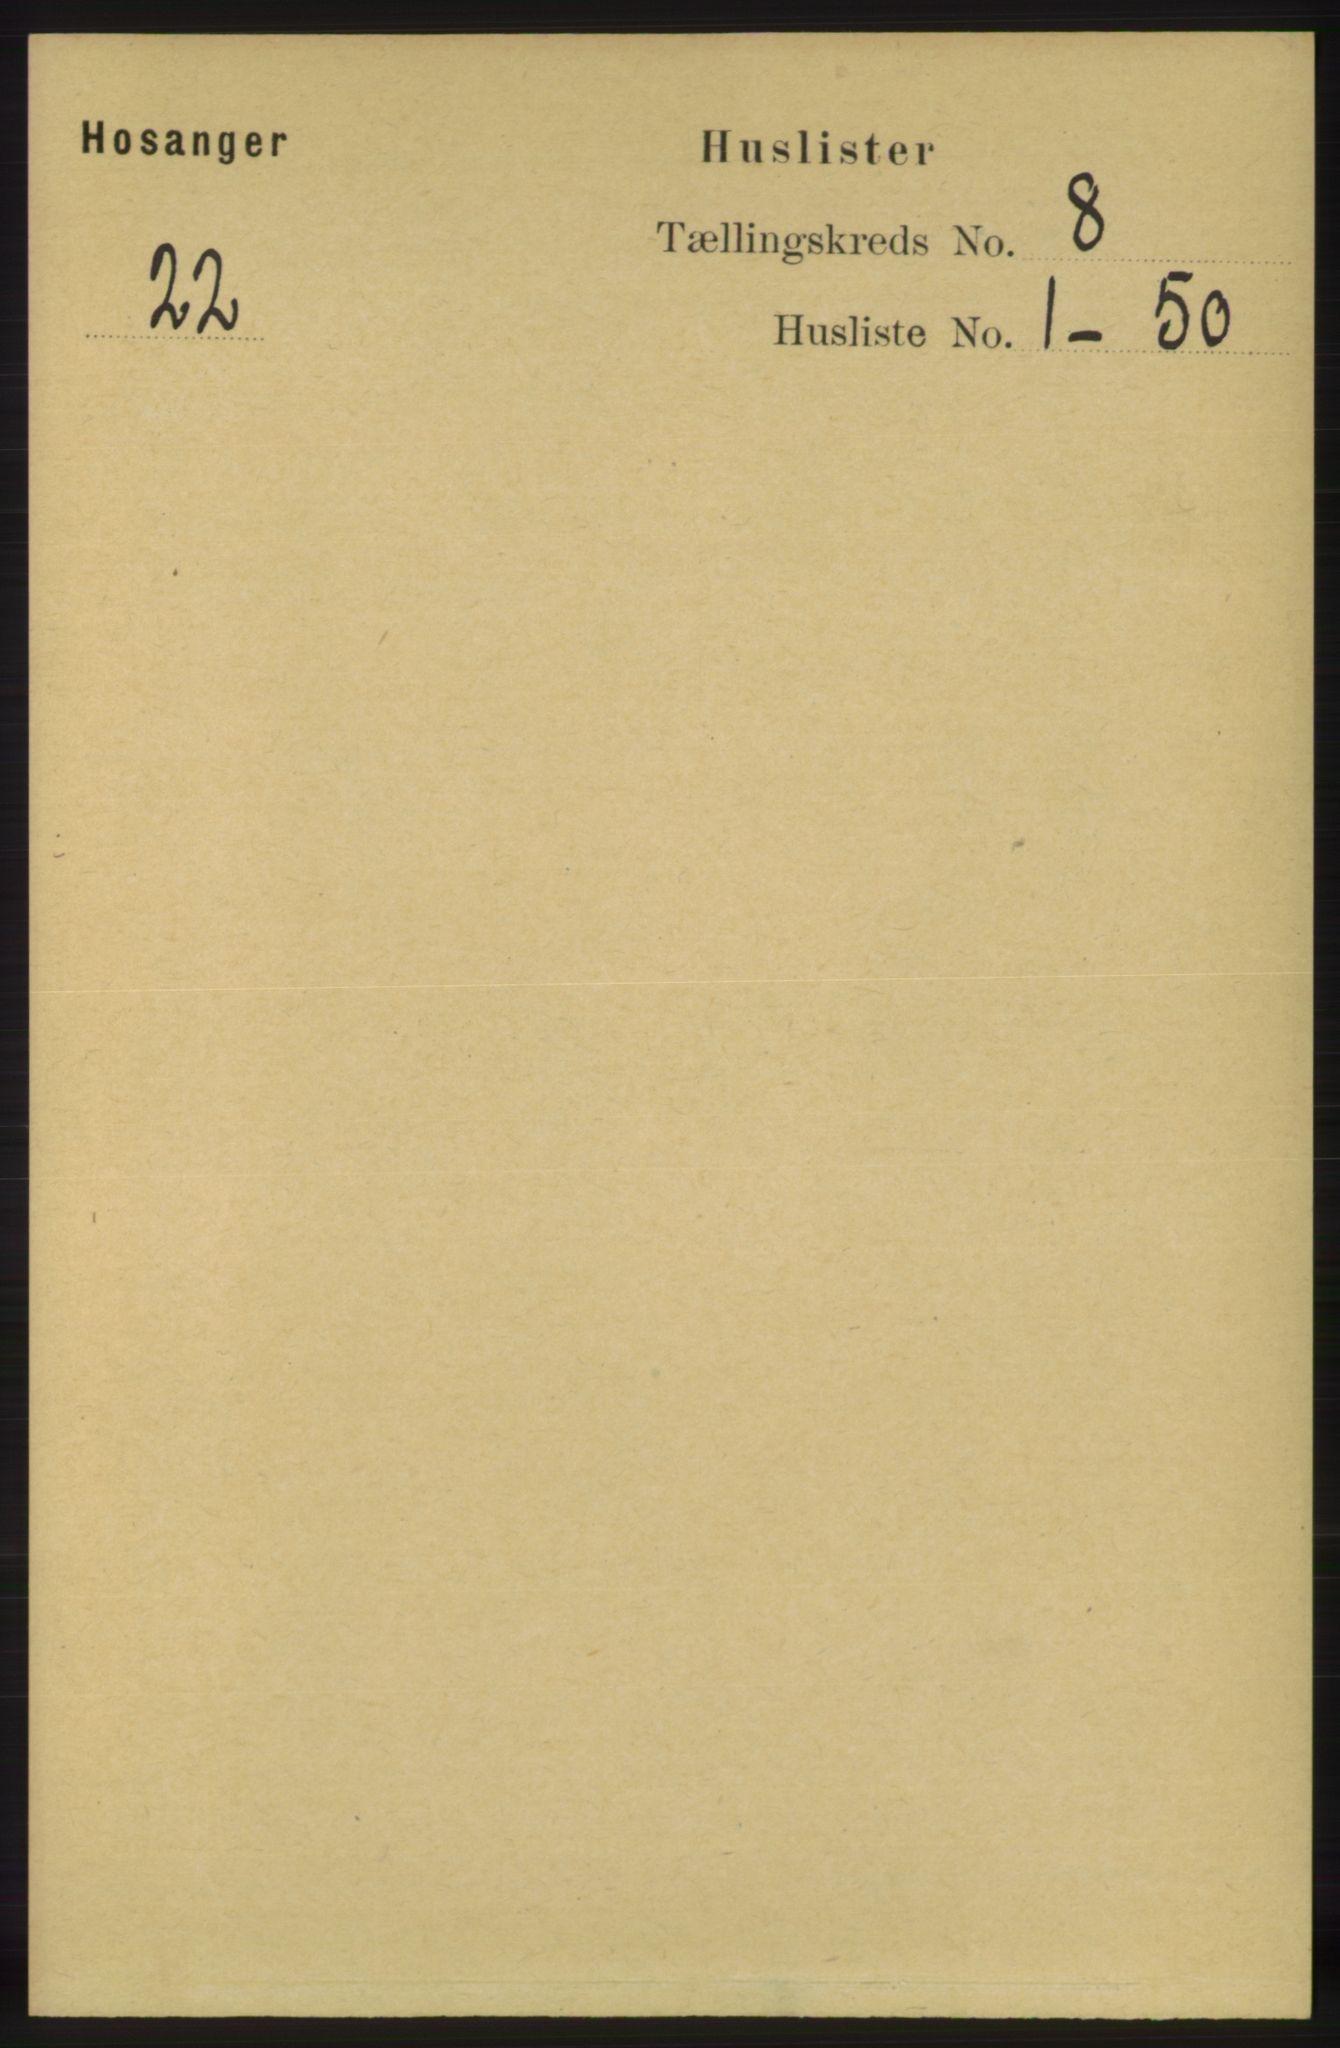 RA, Folketelling 1891 for 1253 Hosanger herred, 1891, s. 2900